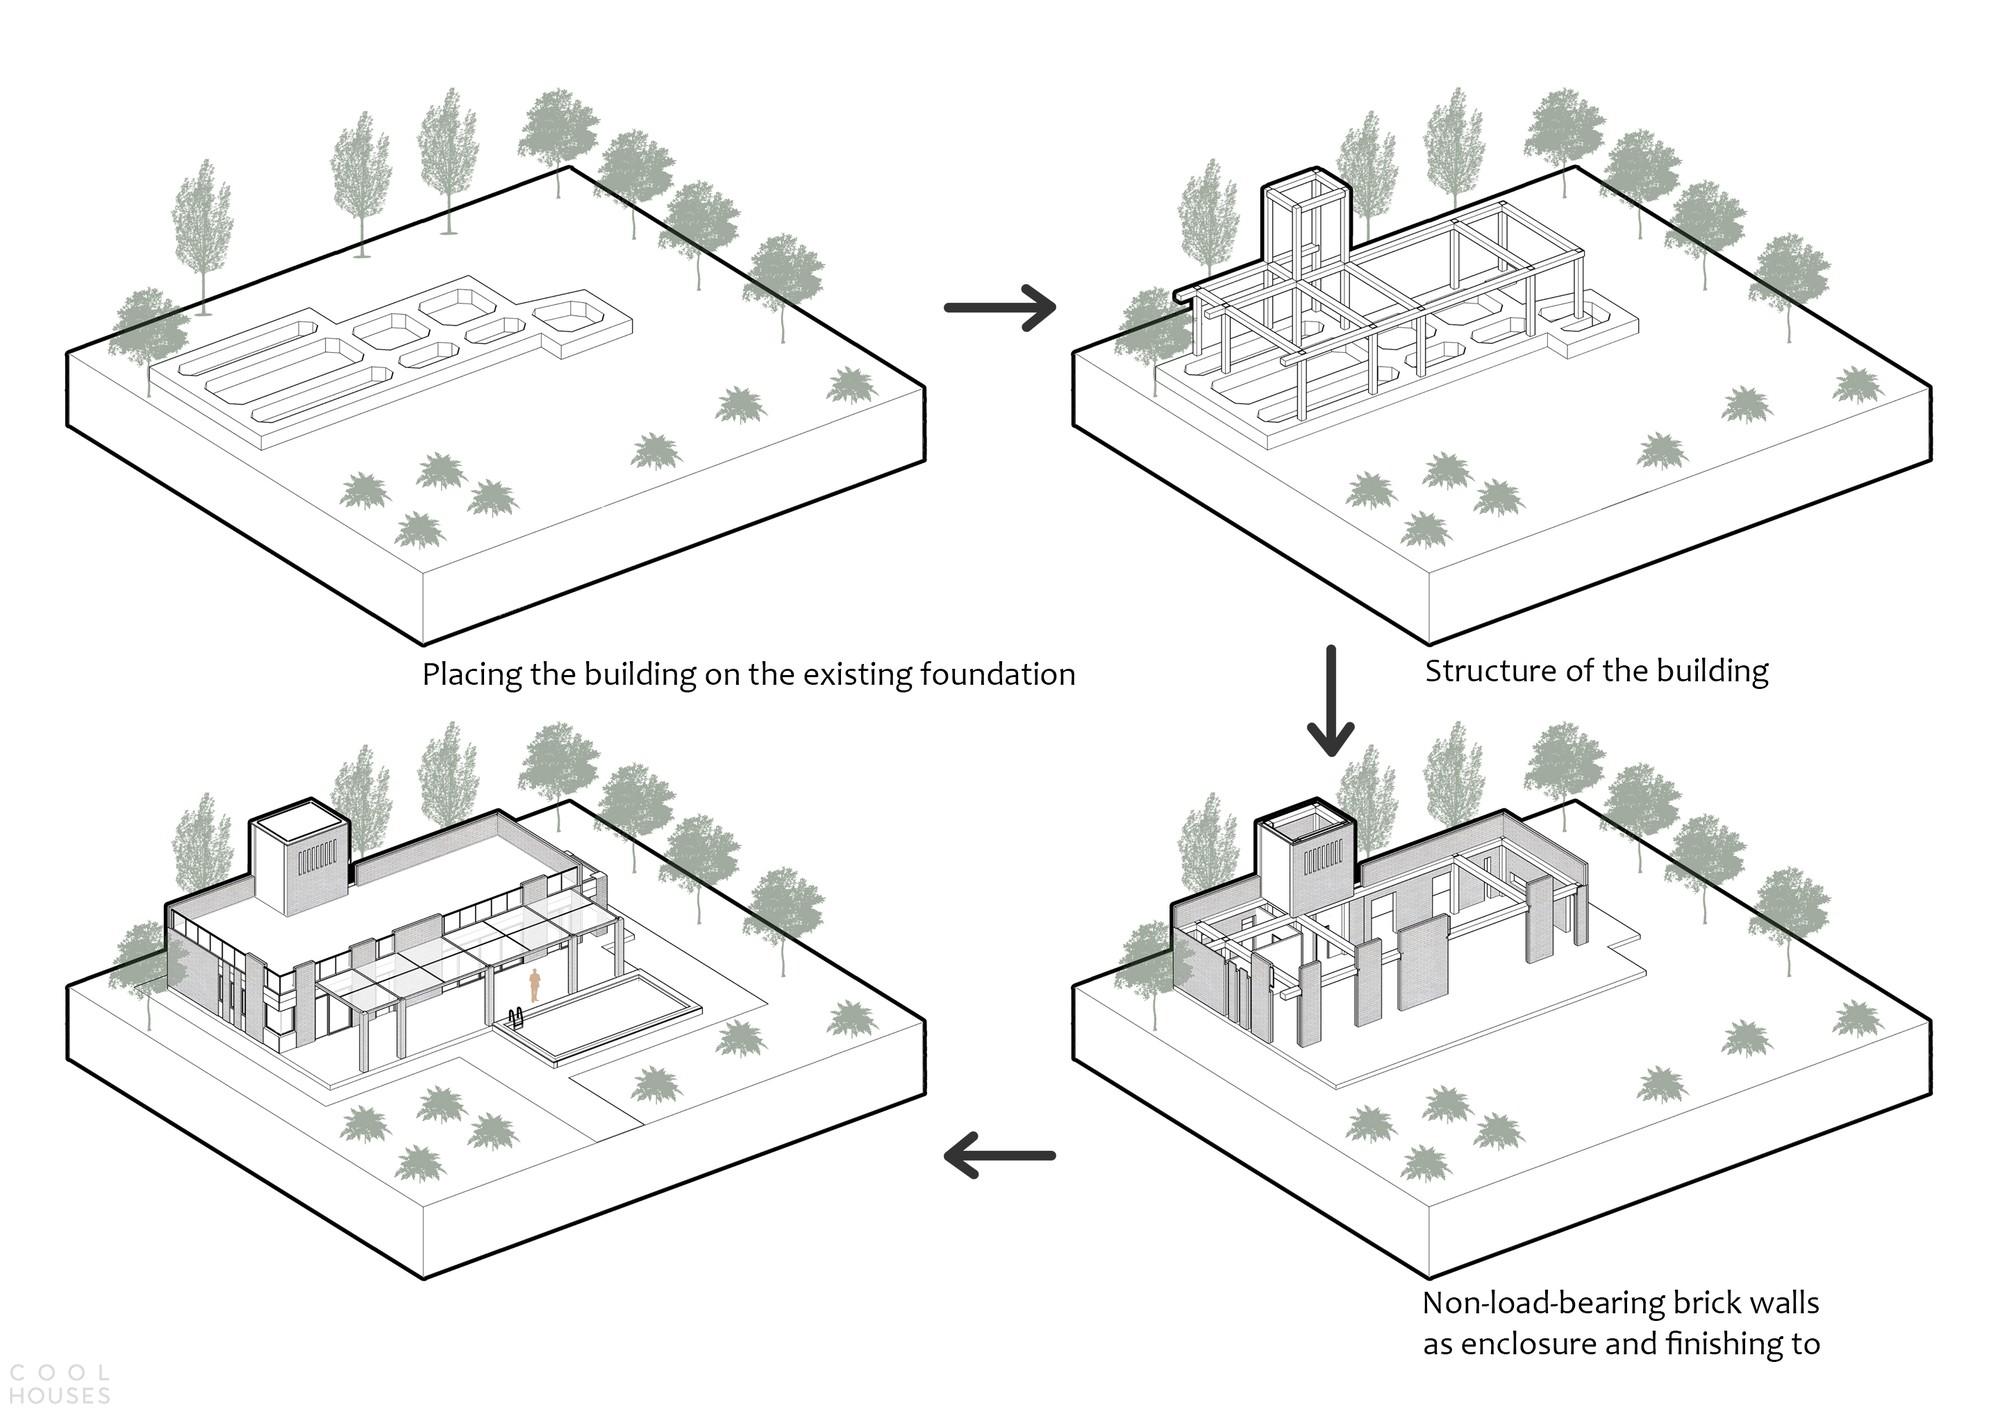 Вилла с экологичным дизайном, адаптированным к местному климату